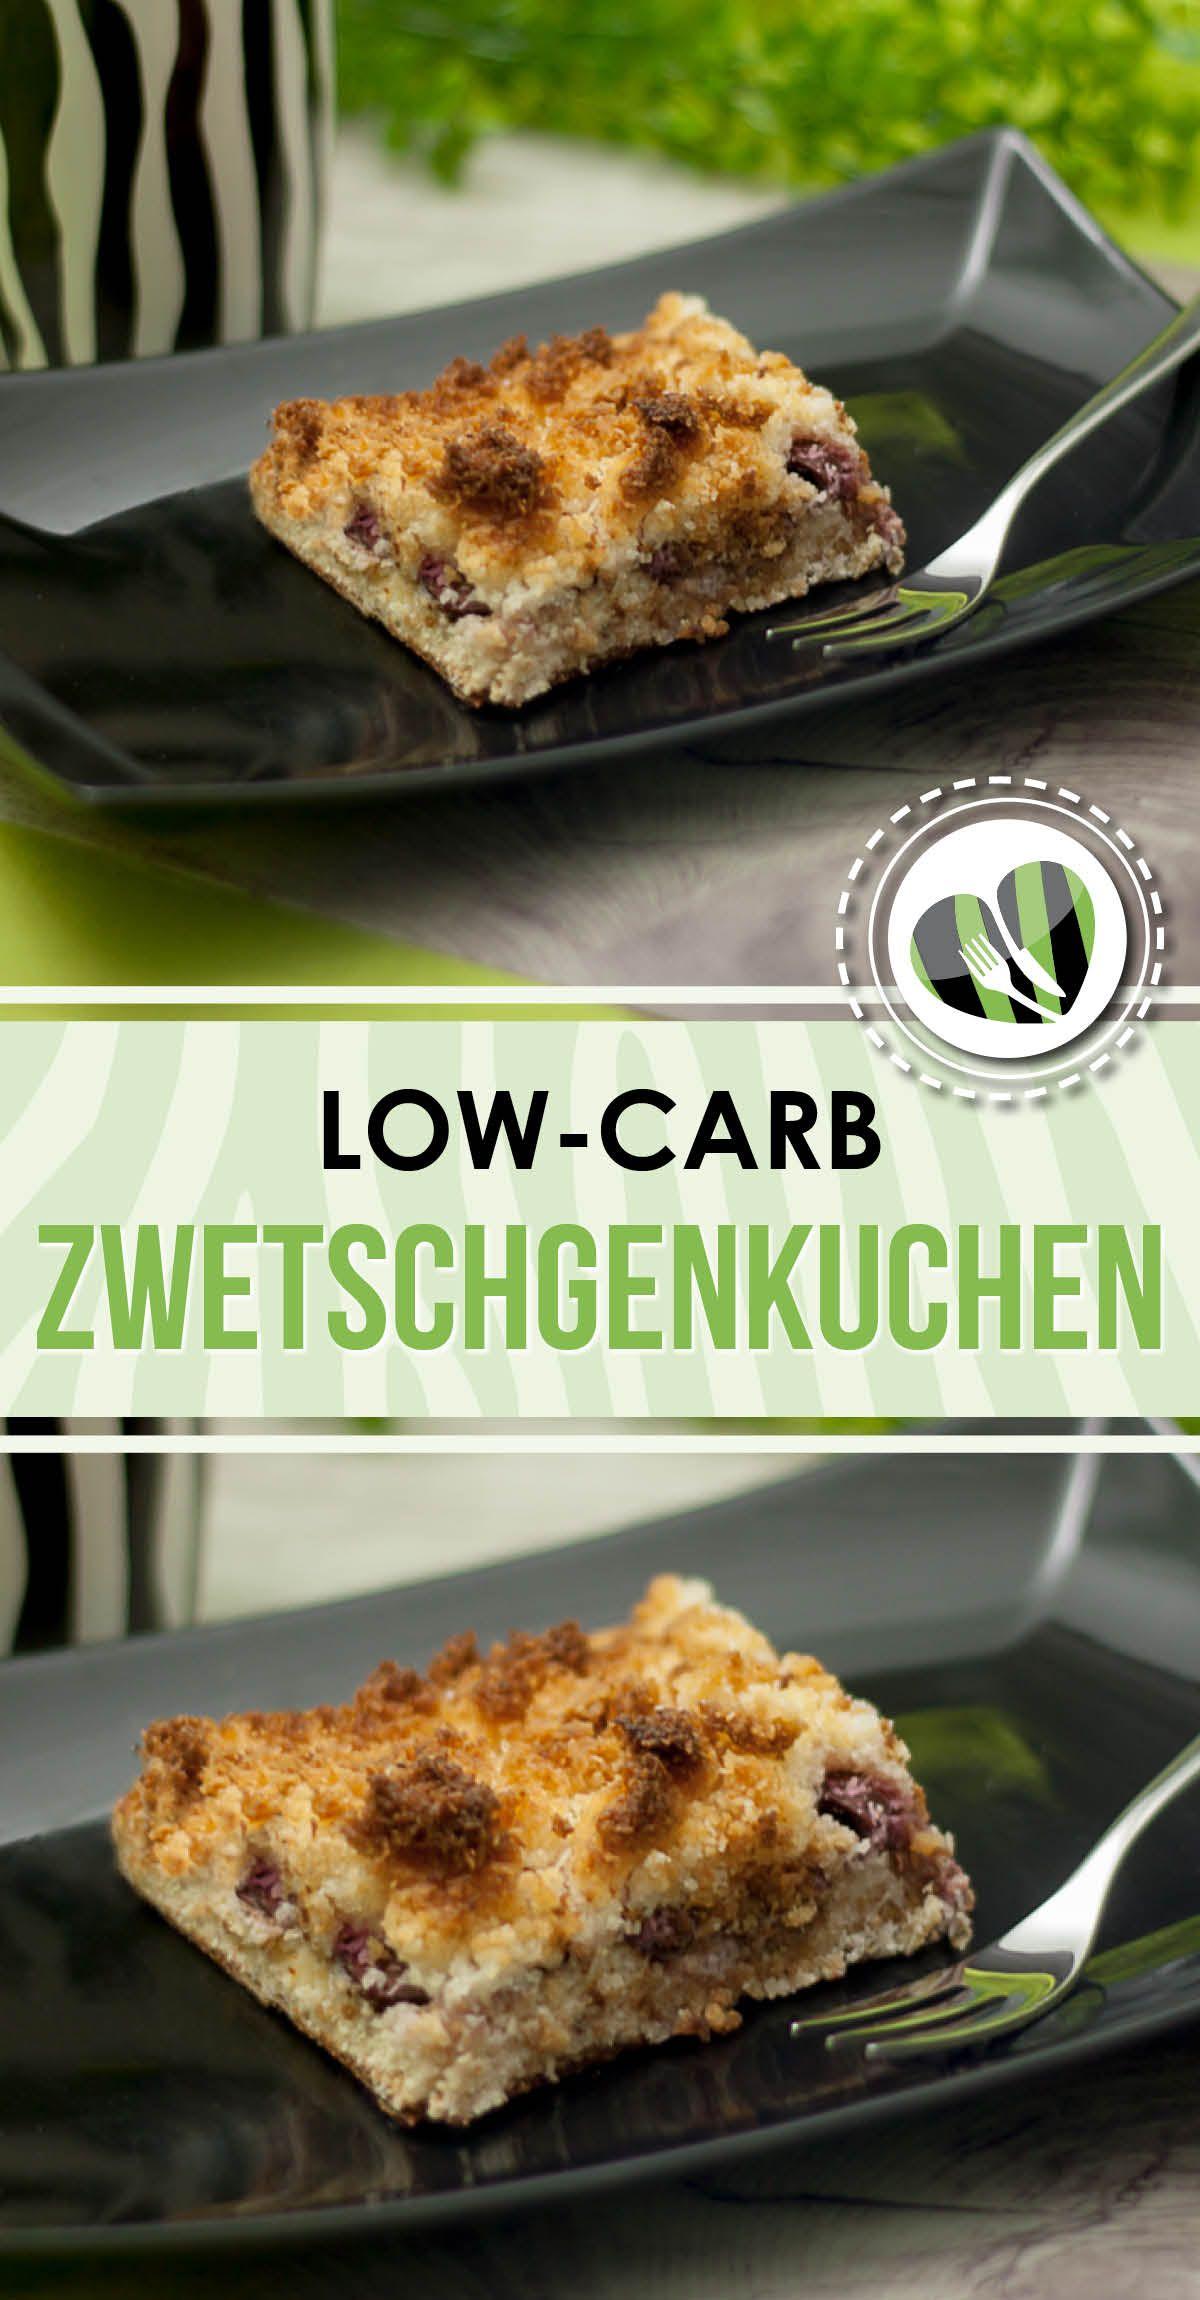 Der Zwetschgenkuchen mit Kokosraspeln ist low carb lecker und glutenfrei